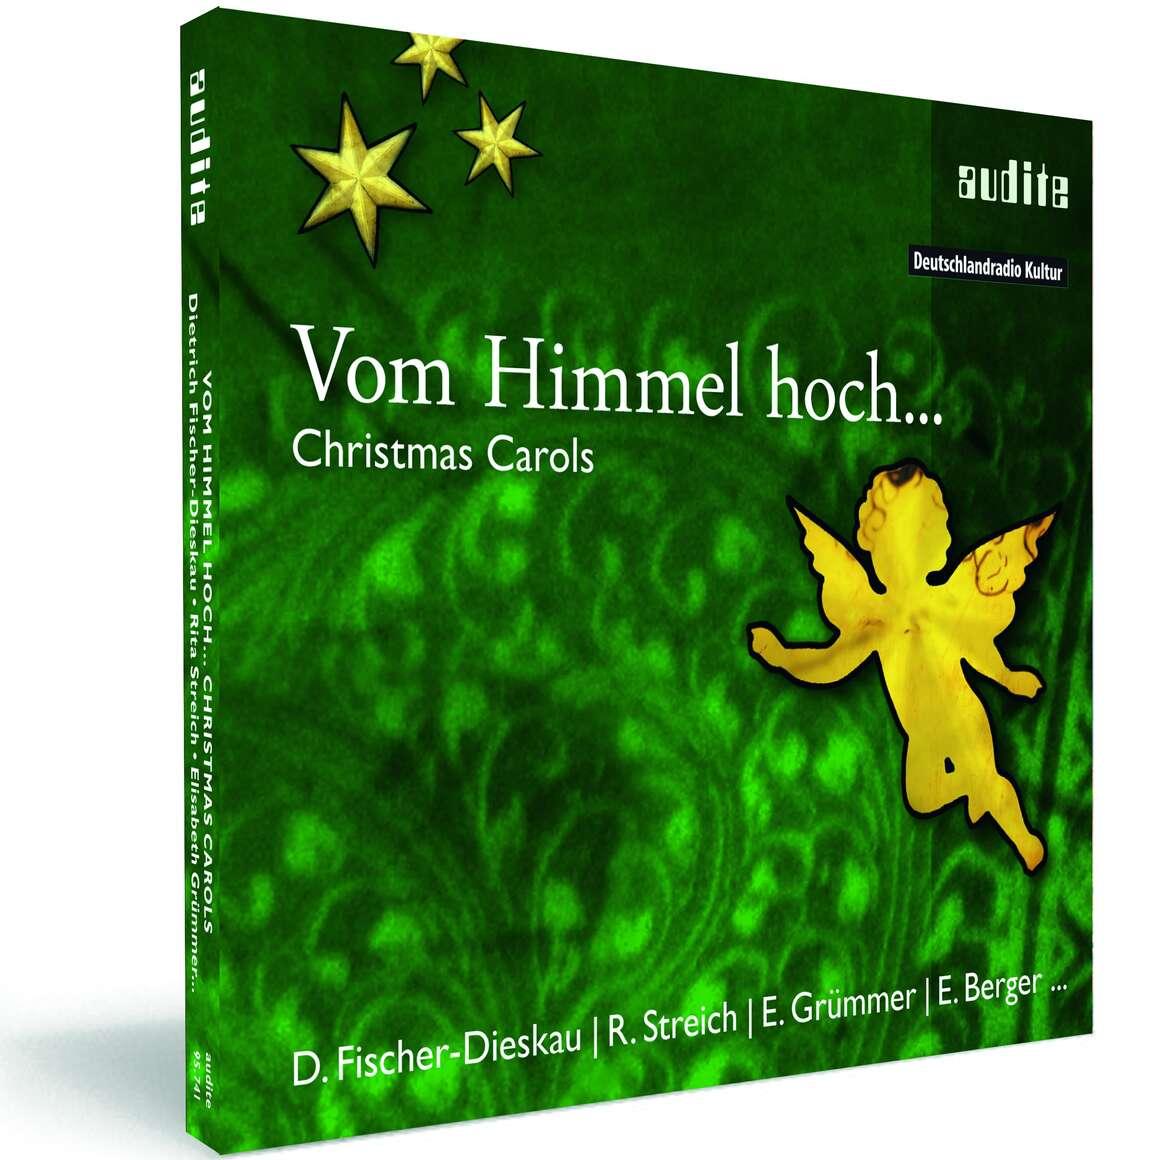 Vom Himmel hoch... - Christmas Carols